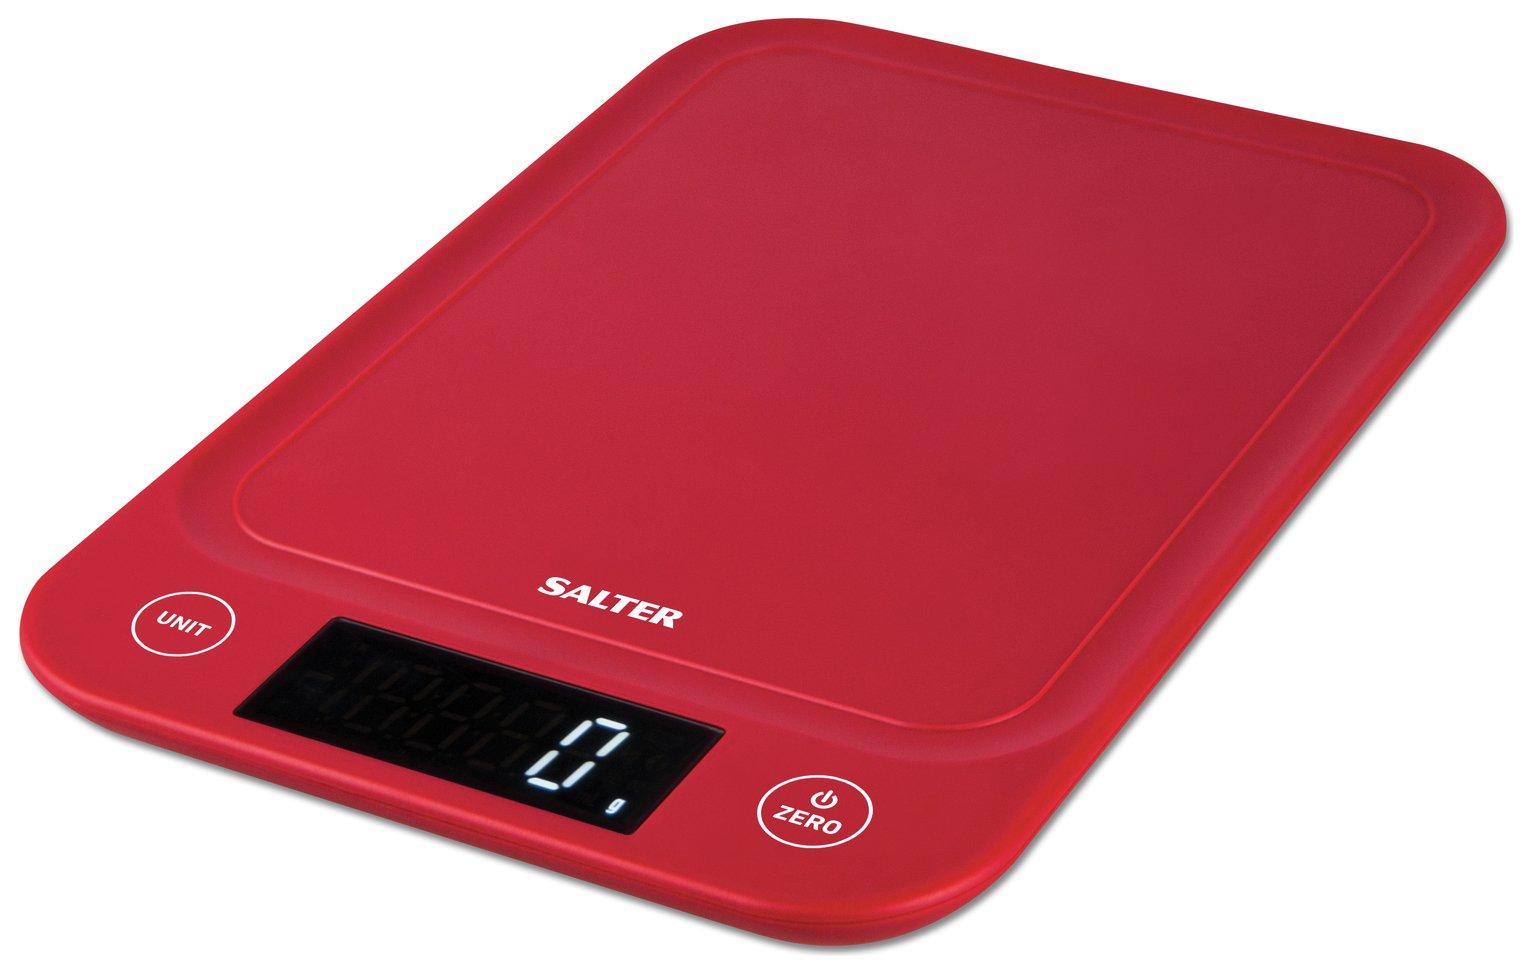 Salter Slim 5kg Kitchen Scale – Red £10.50 @ Argos